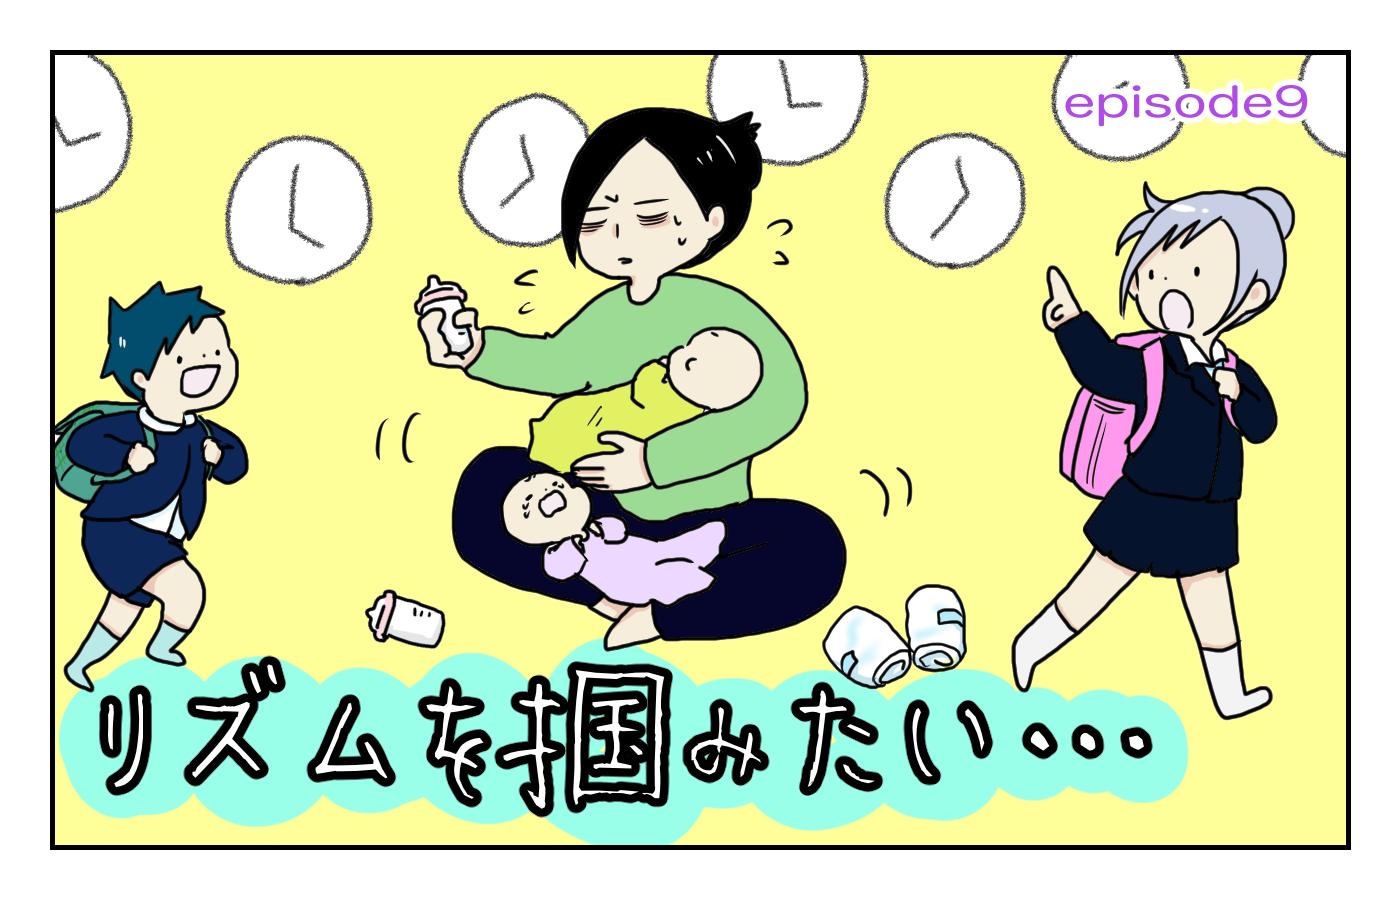 子育ては時にしみじみ 〜山本三兄妹の成長記録~